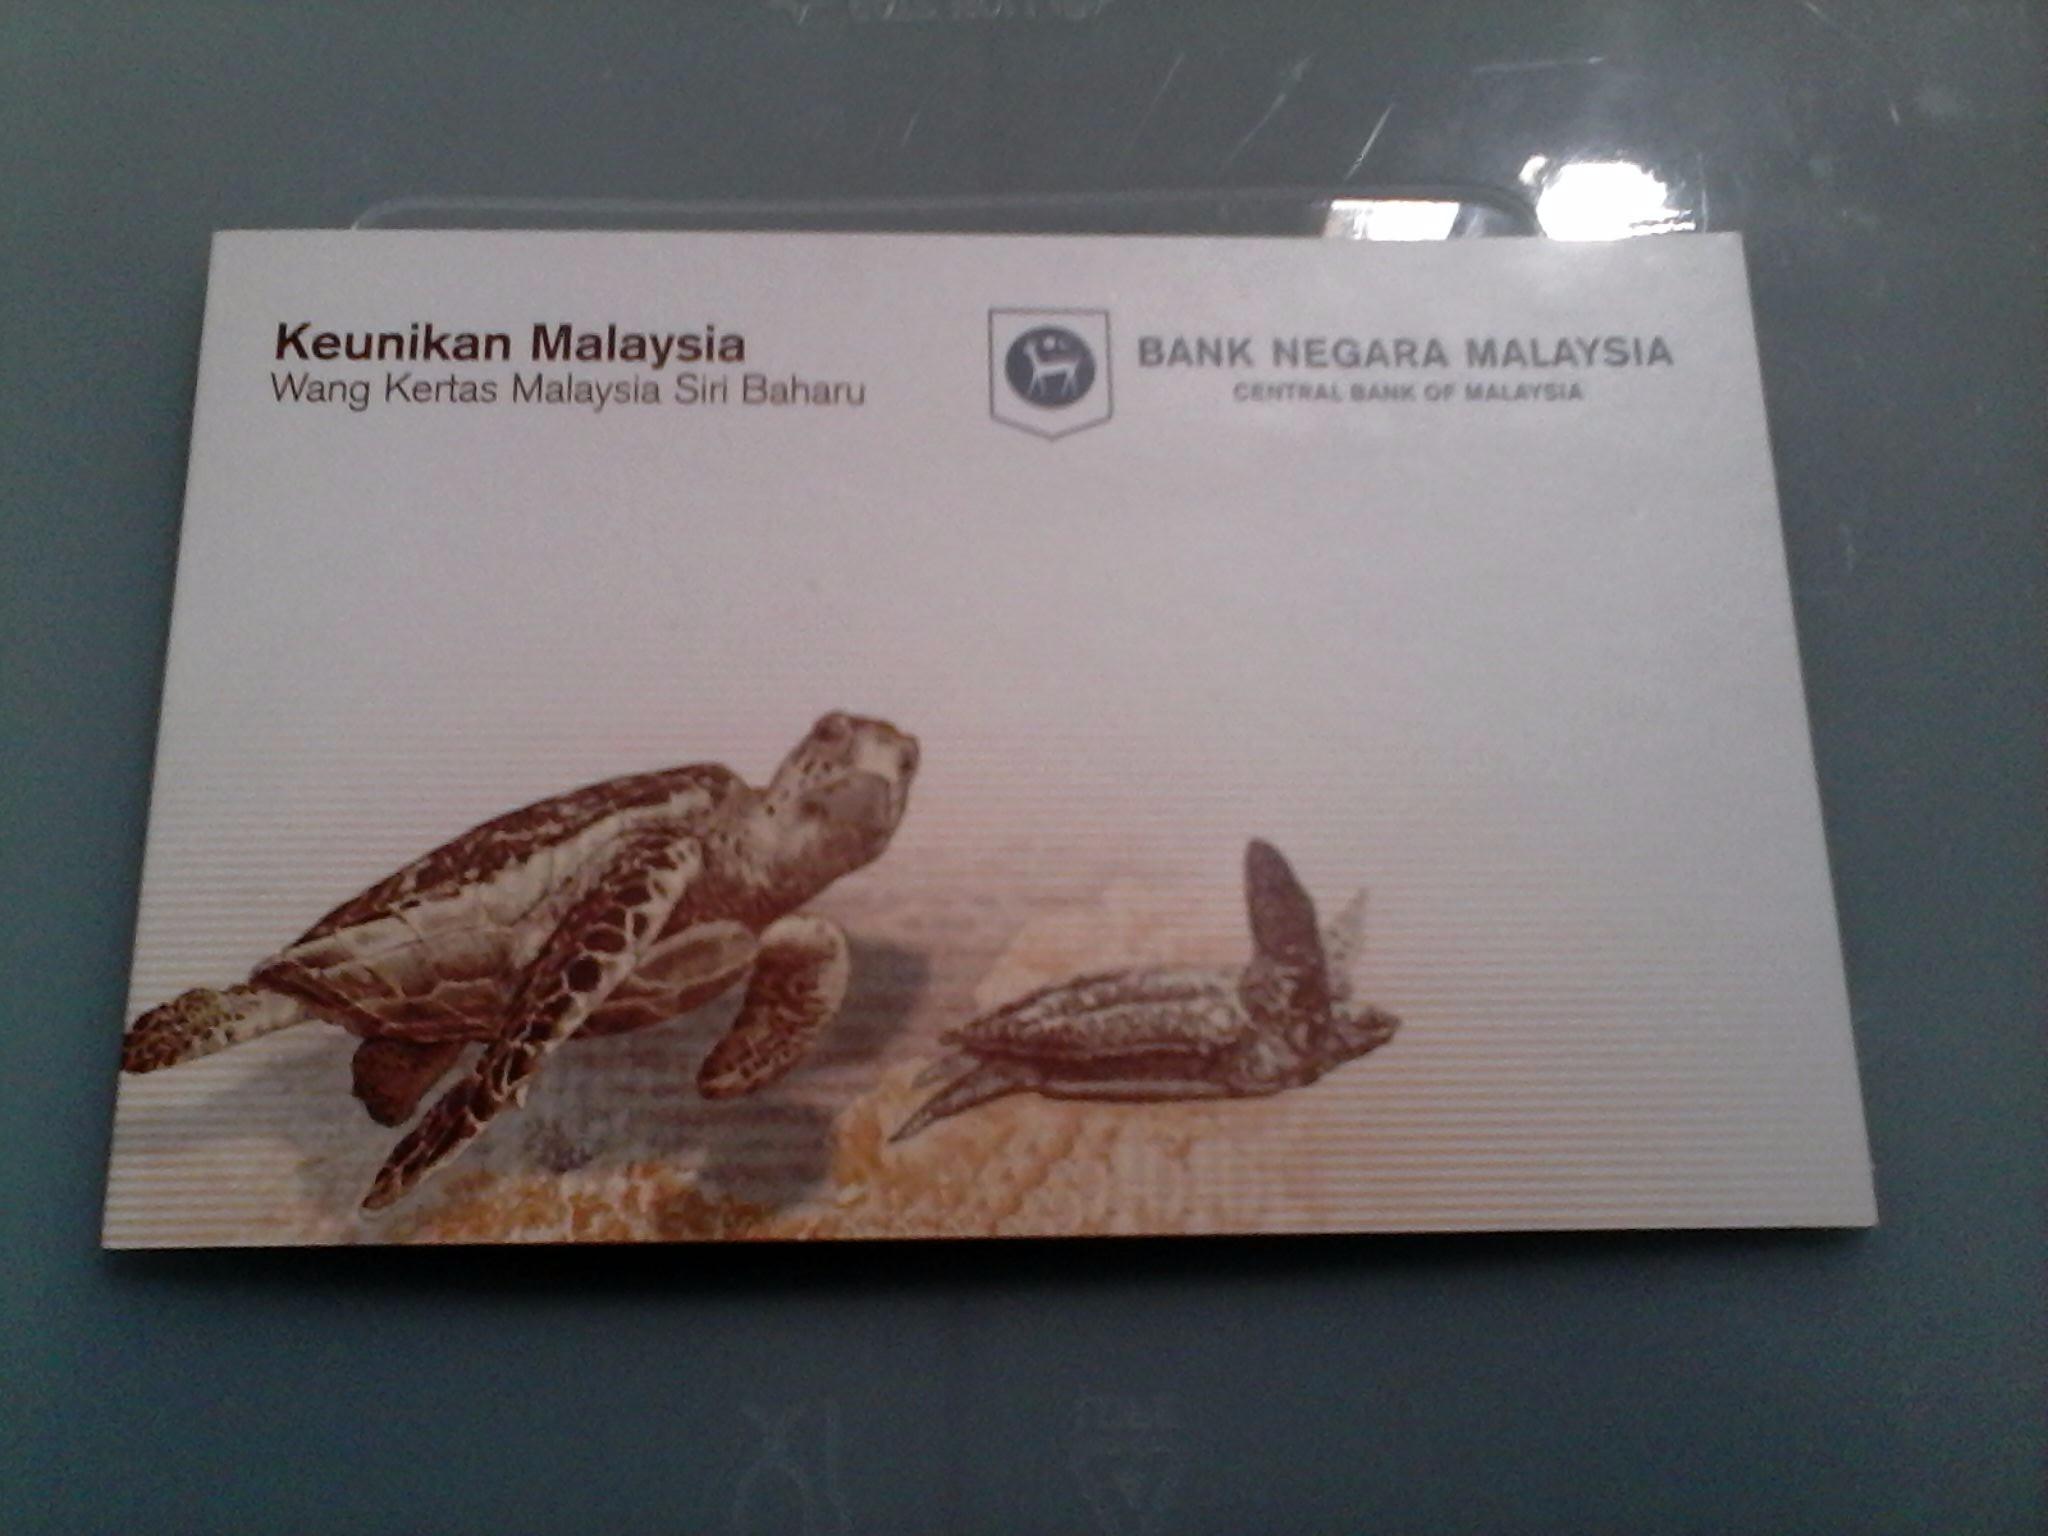 Jual Uang Ringgit Malaysia 20 Rm Dalam Folder Edisi Khusus Damay Store Tokopedia